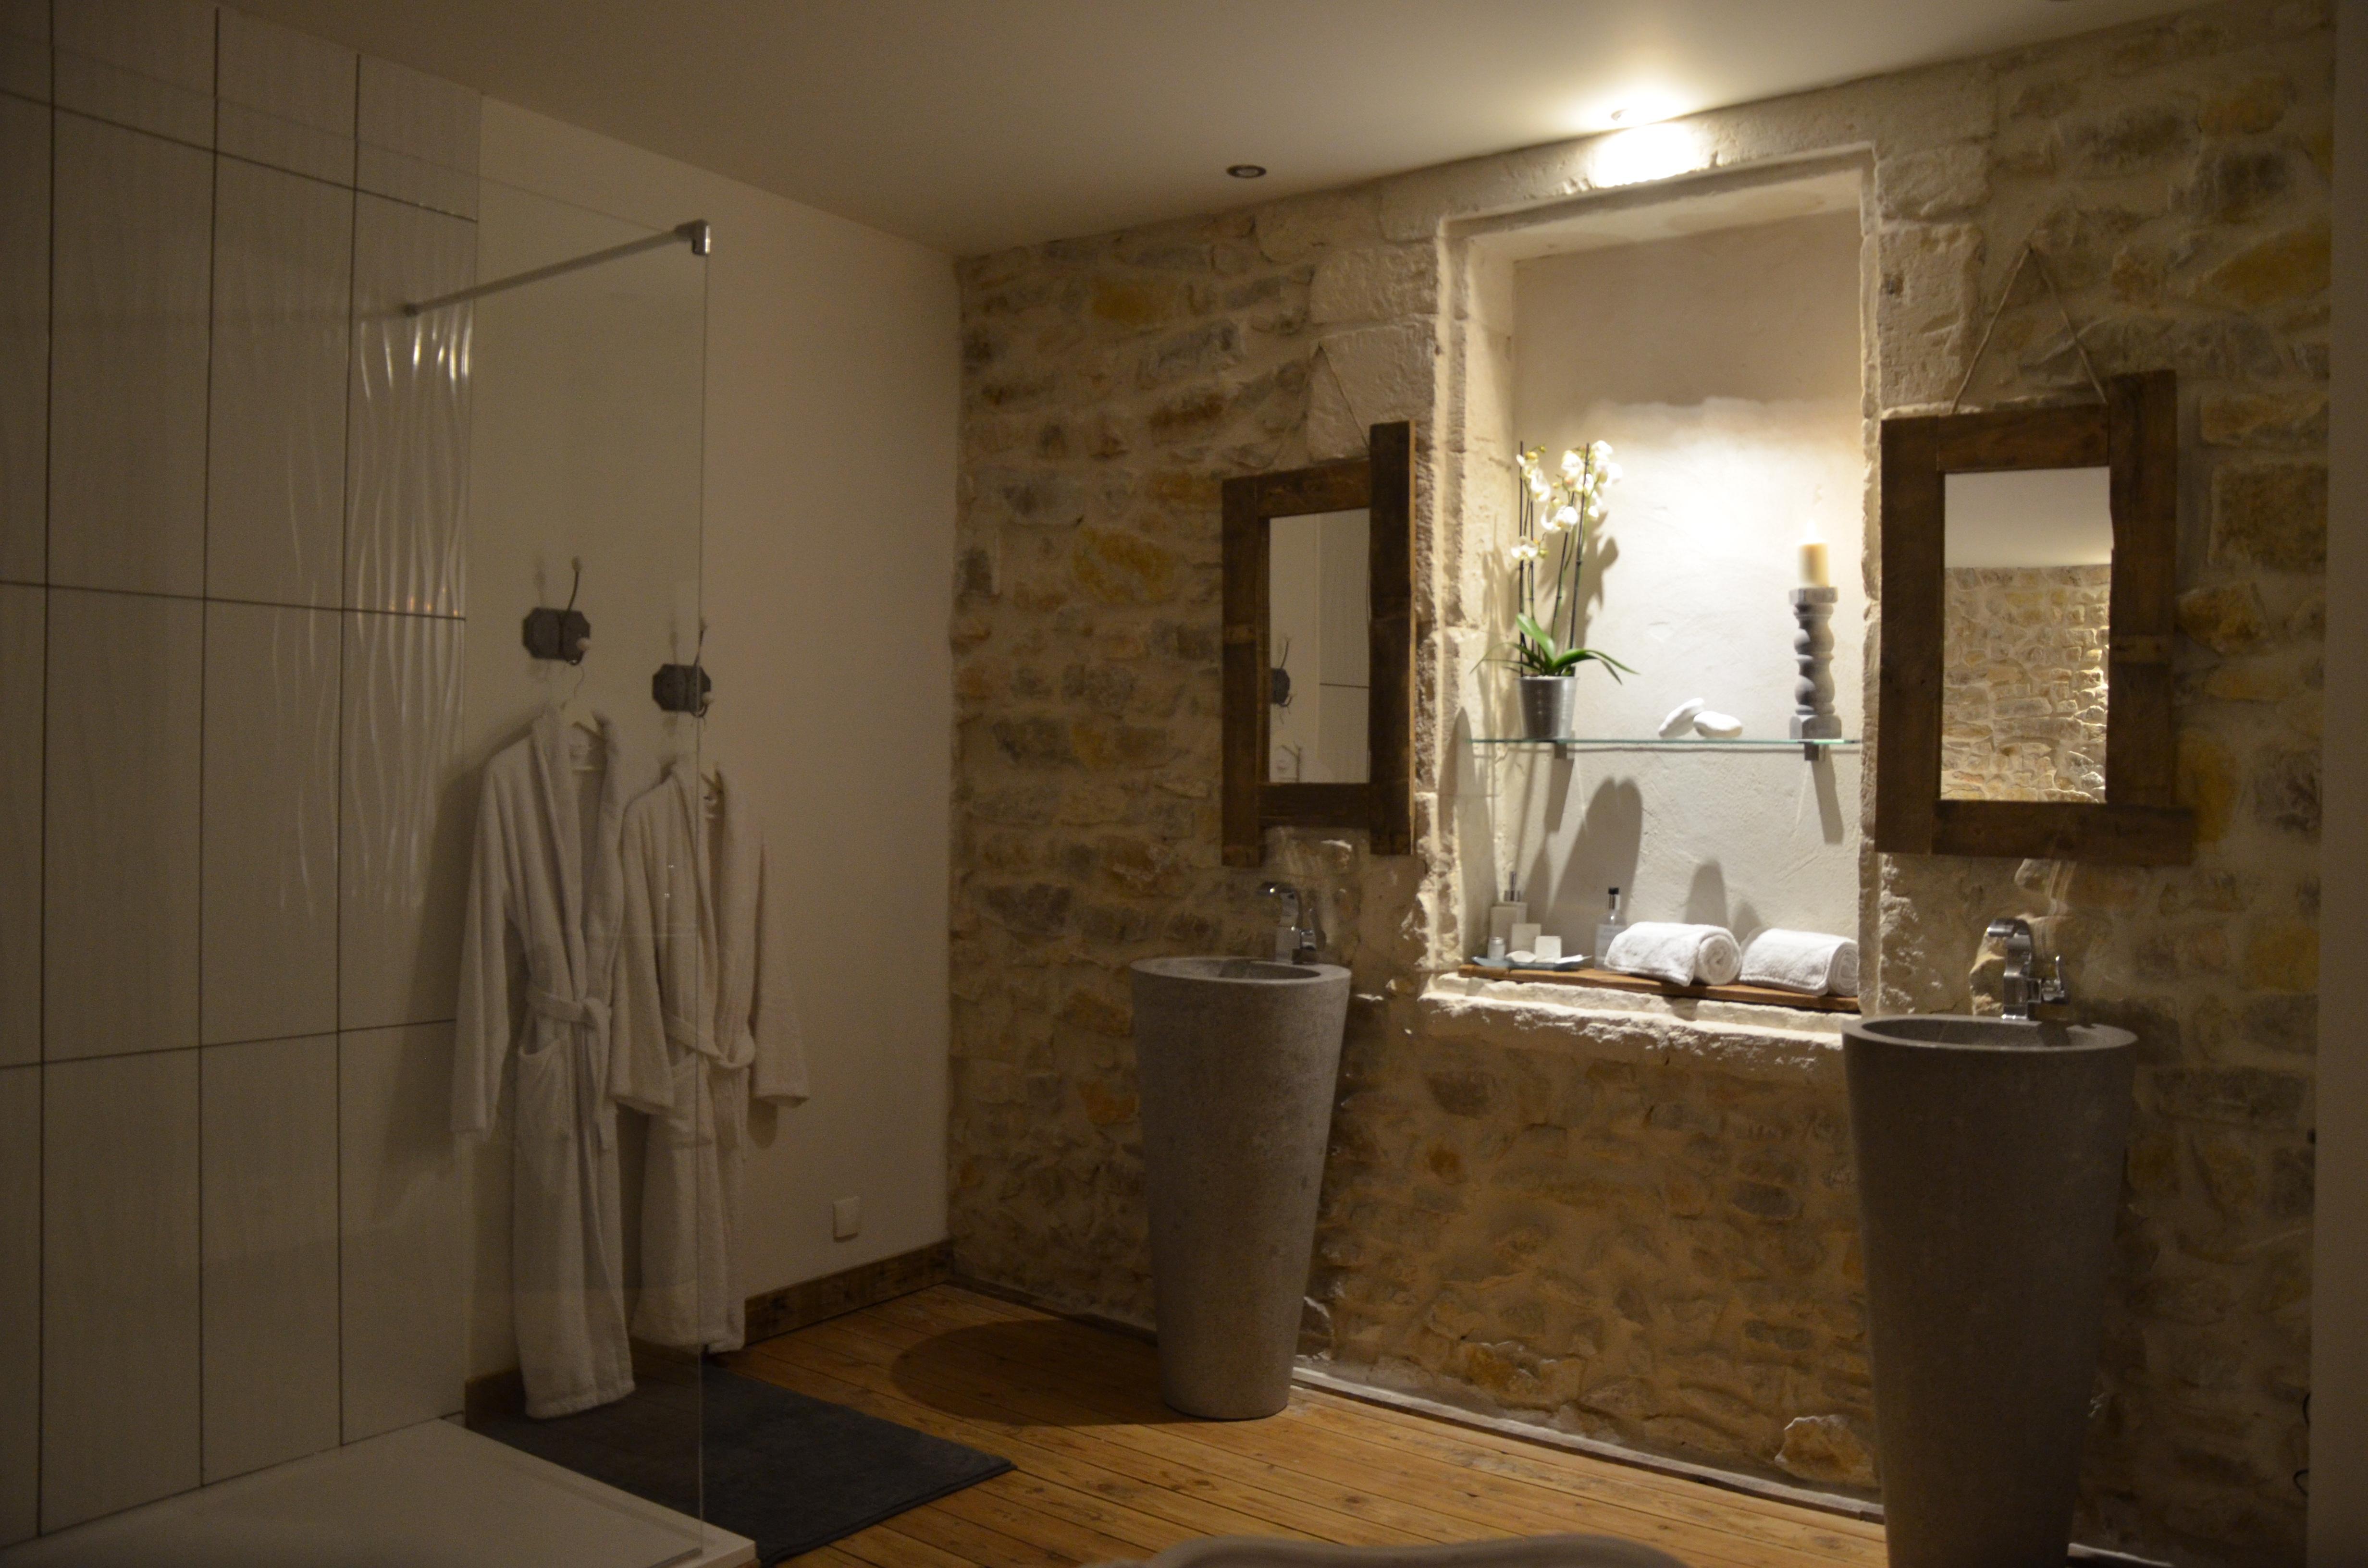 Suite scandinave suites d 39 h tes de charme et de luxe avec jacuzzi - Chambre d hote de charme avec jacuzzi ...